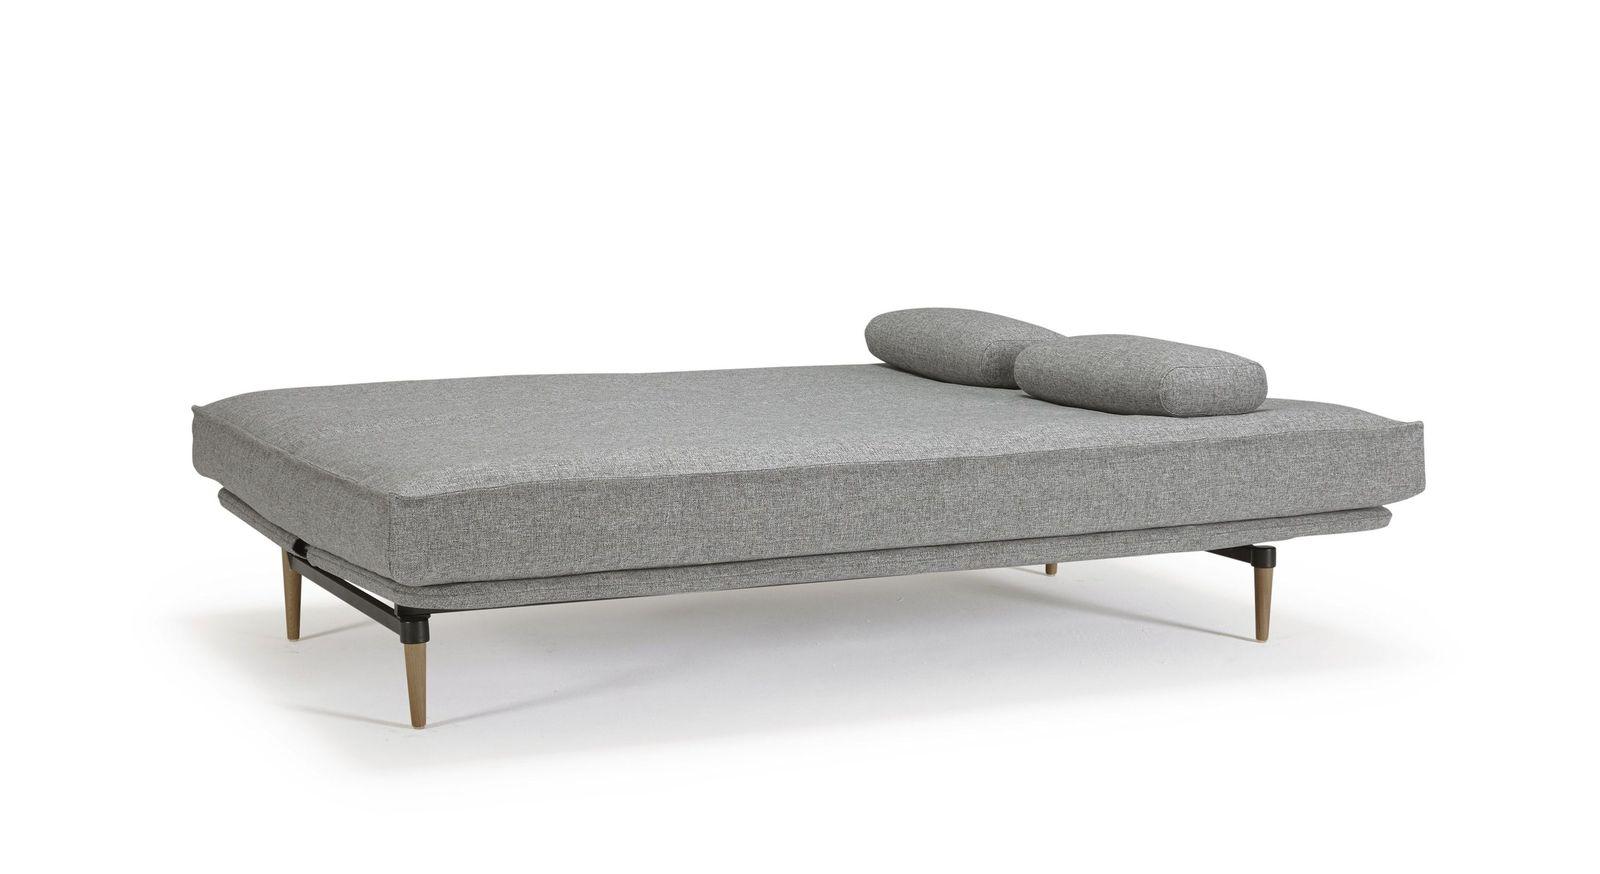 Schlafsofa Canosa mit einer Liegefläche von 140x200 cm